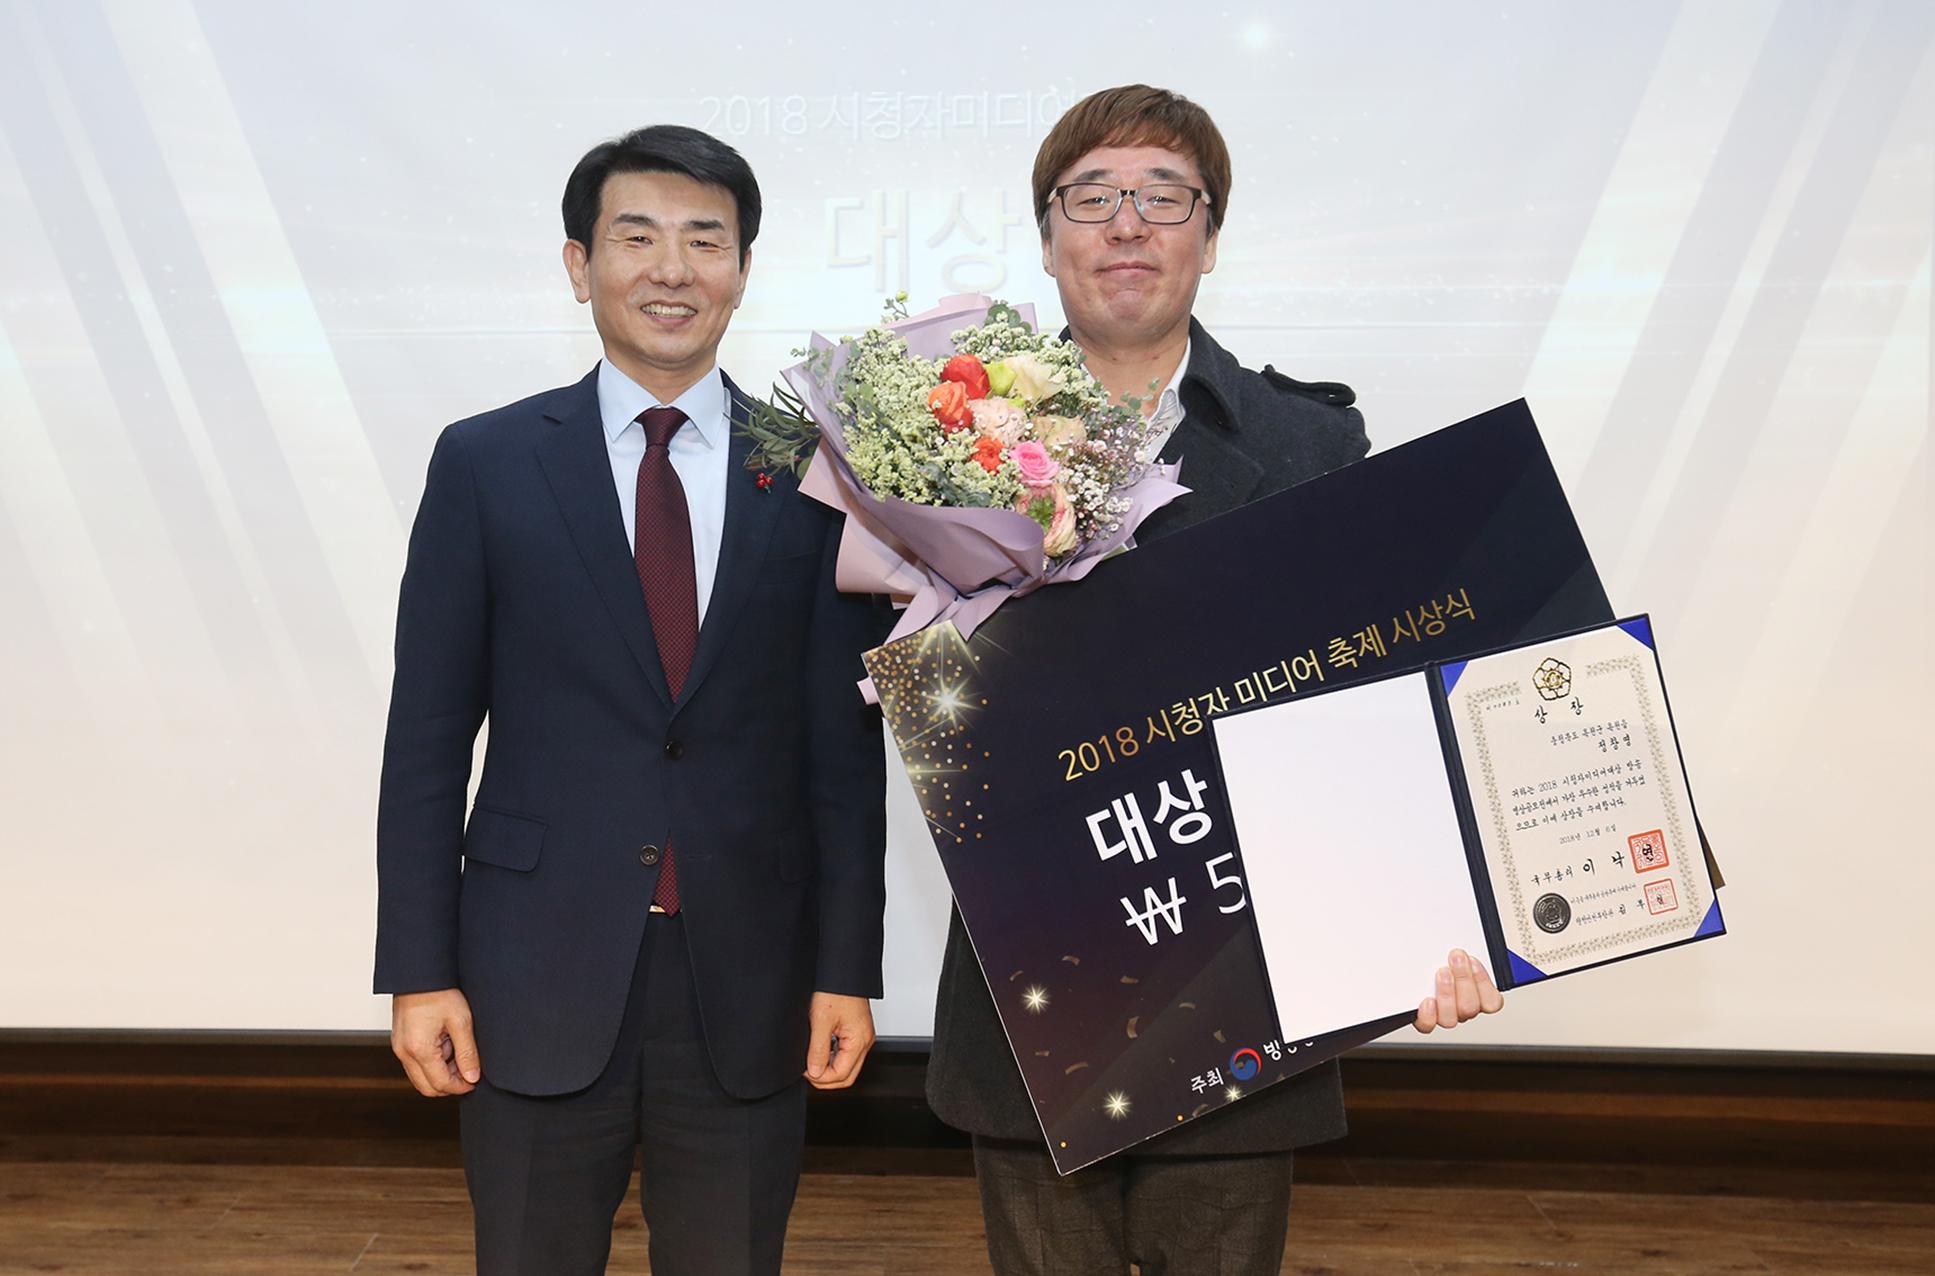 2018 시청자미디어대상 시상식